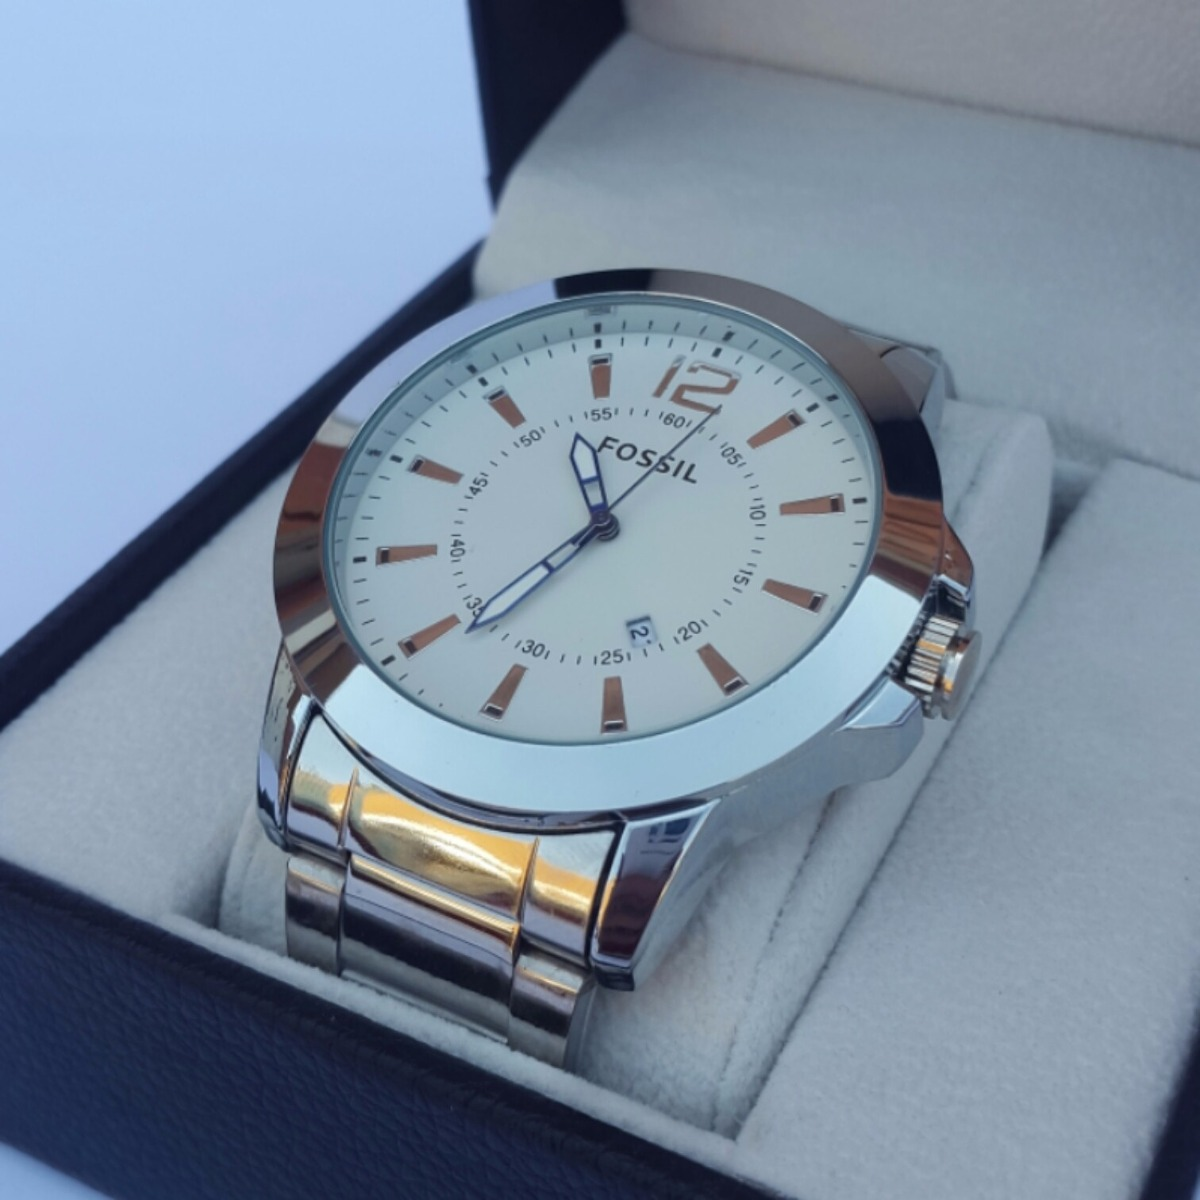 e746563e5d5b relojes de acero con calendario para hombres. Cargando zoom.